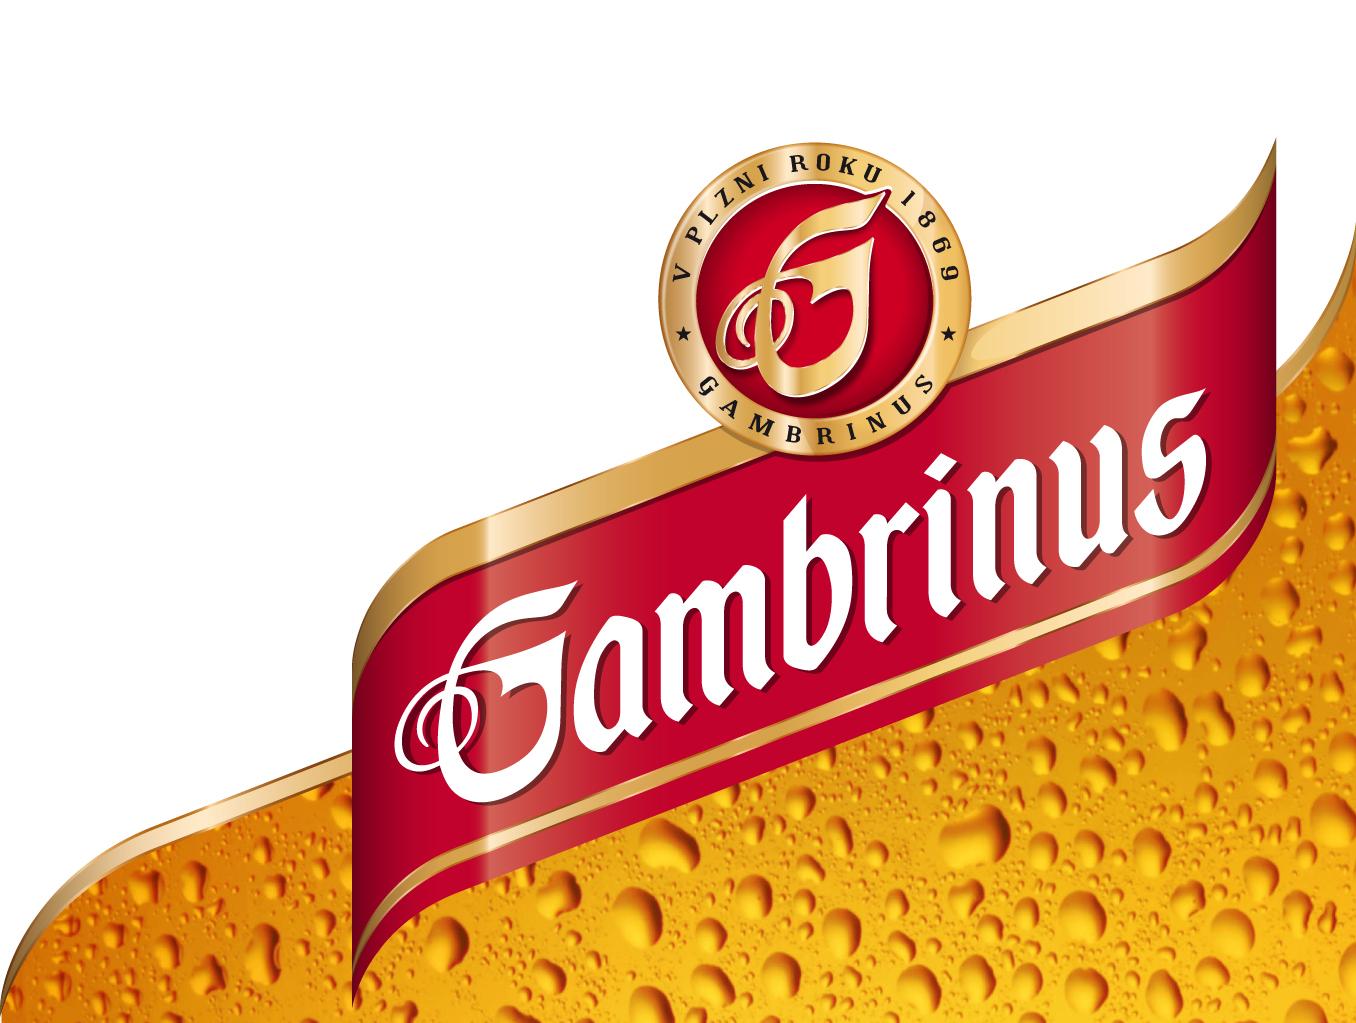 Restaurace Gambrinus